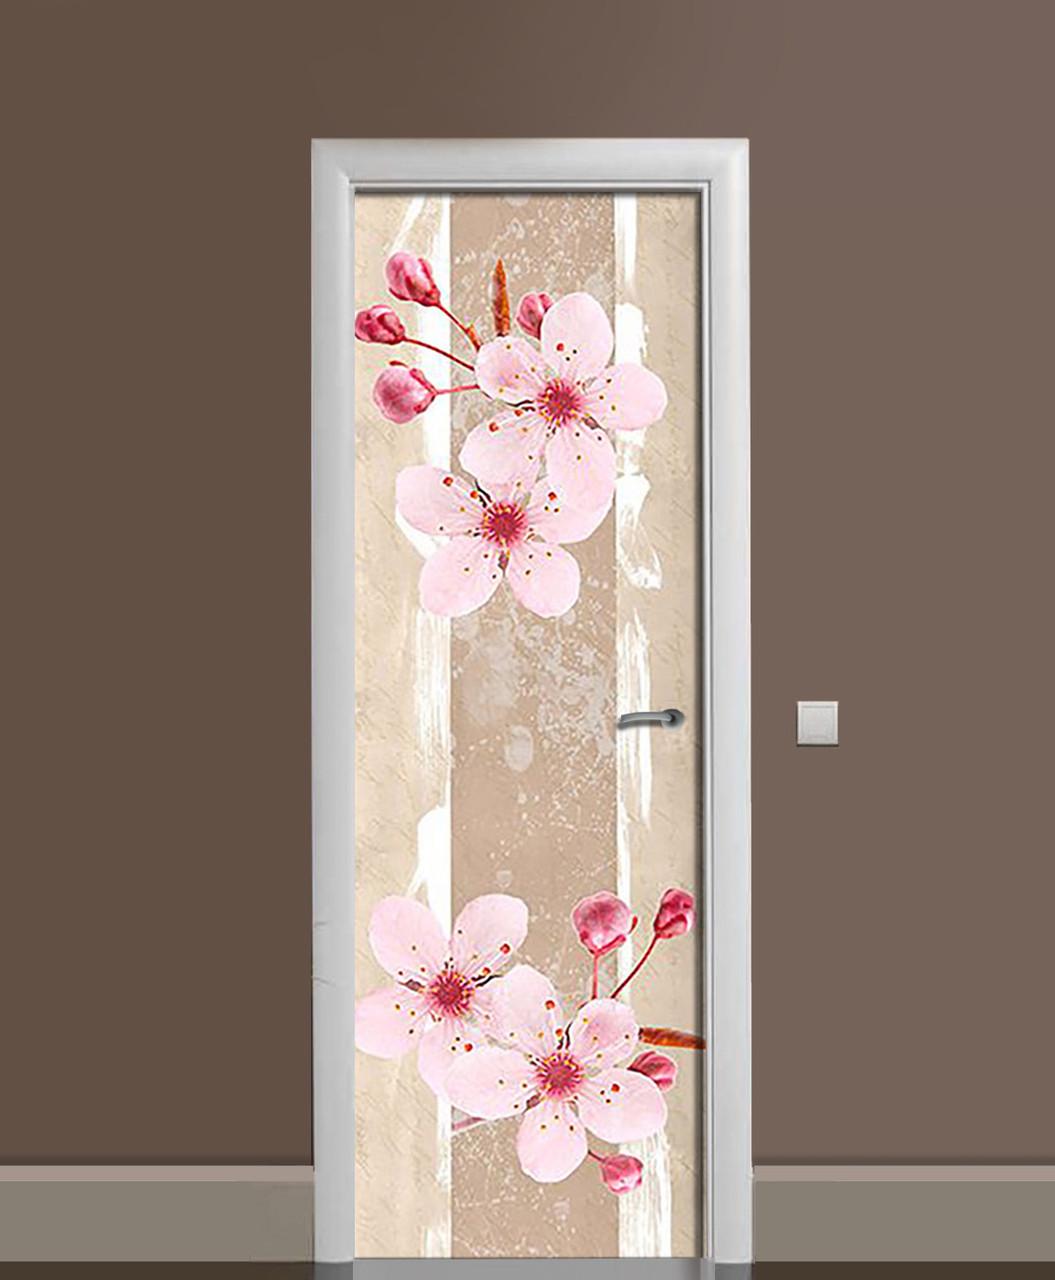 Наклейка на двери Розовые Цветы Вишни виниловая пленка ламинированная ПВХ сакура абстракция Бежевый 650*2000мм